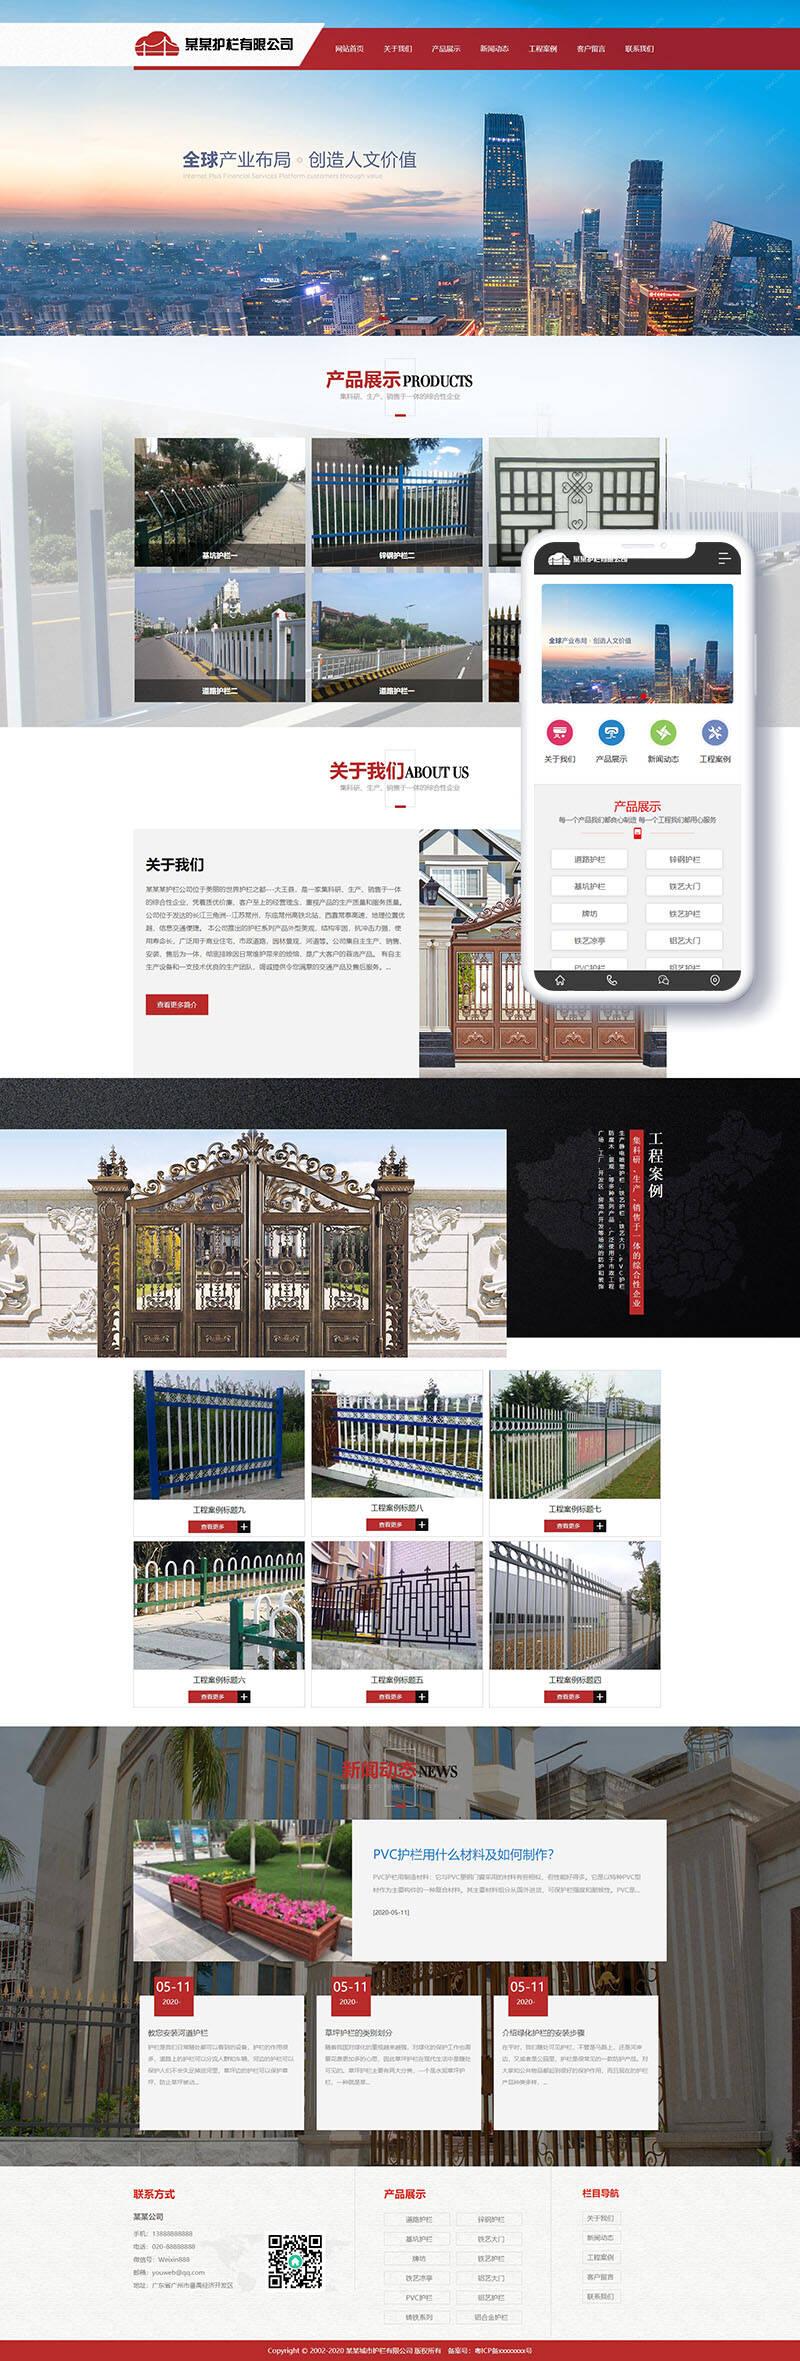 www.wawaapp.cn_织梦门路护栏交通设施类网站织梦模板模板(带手机端)插图